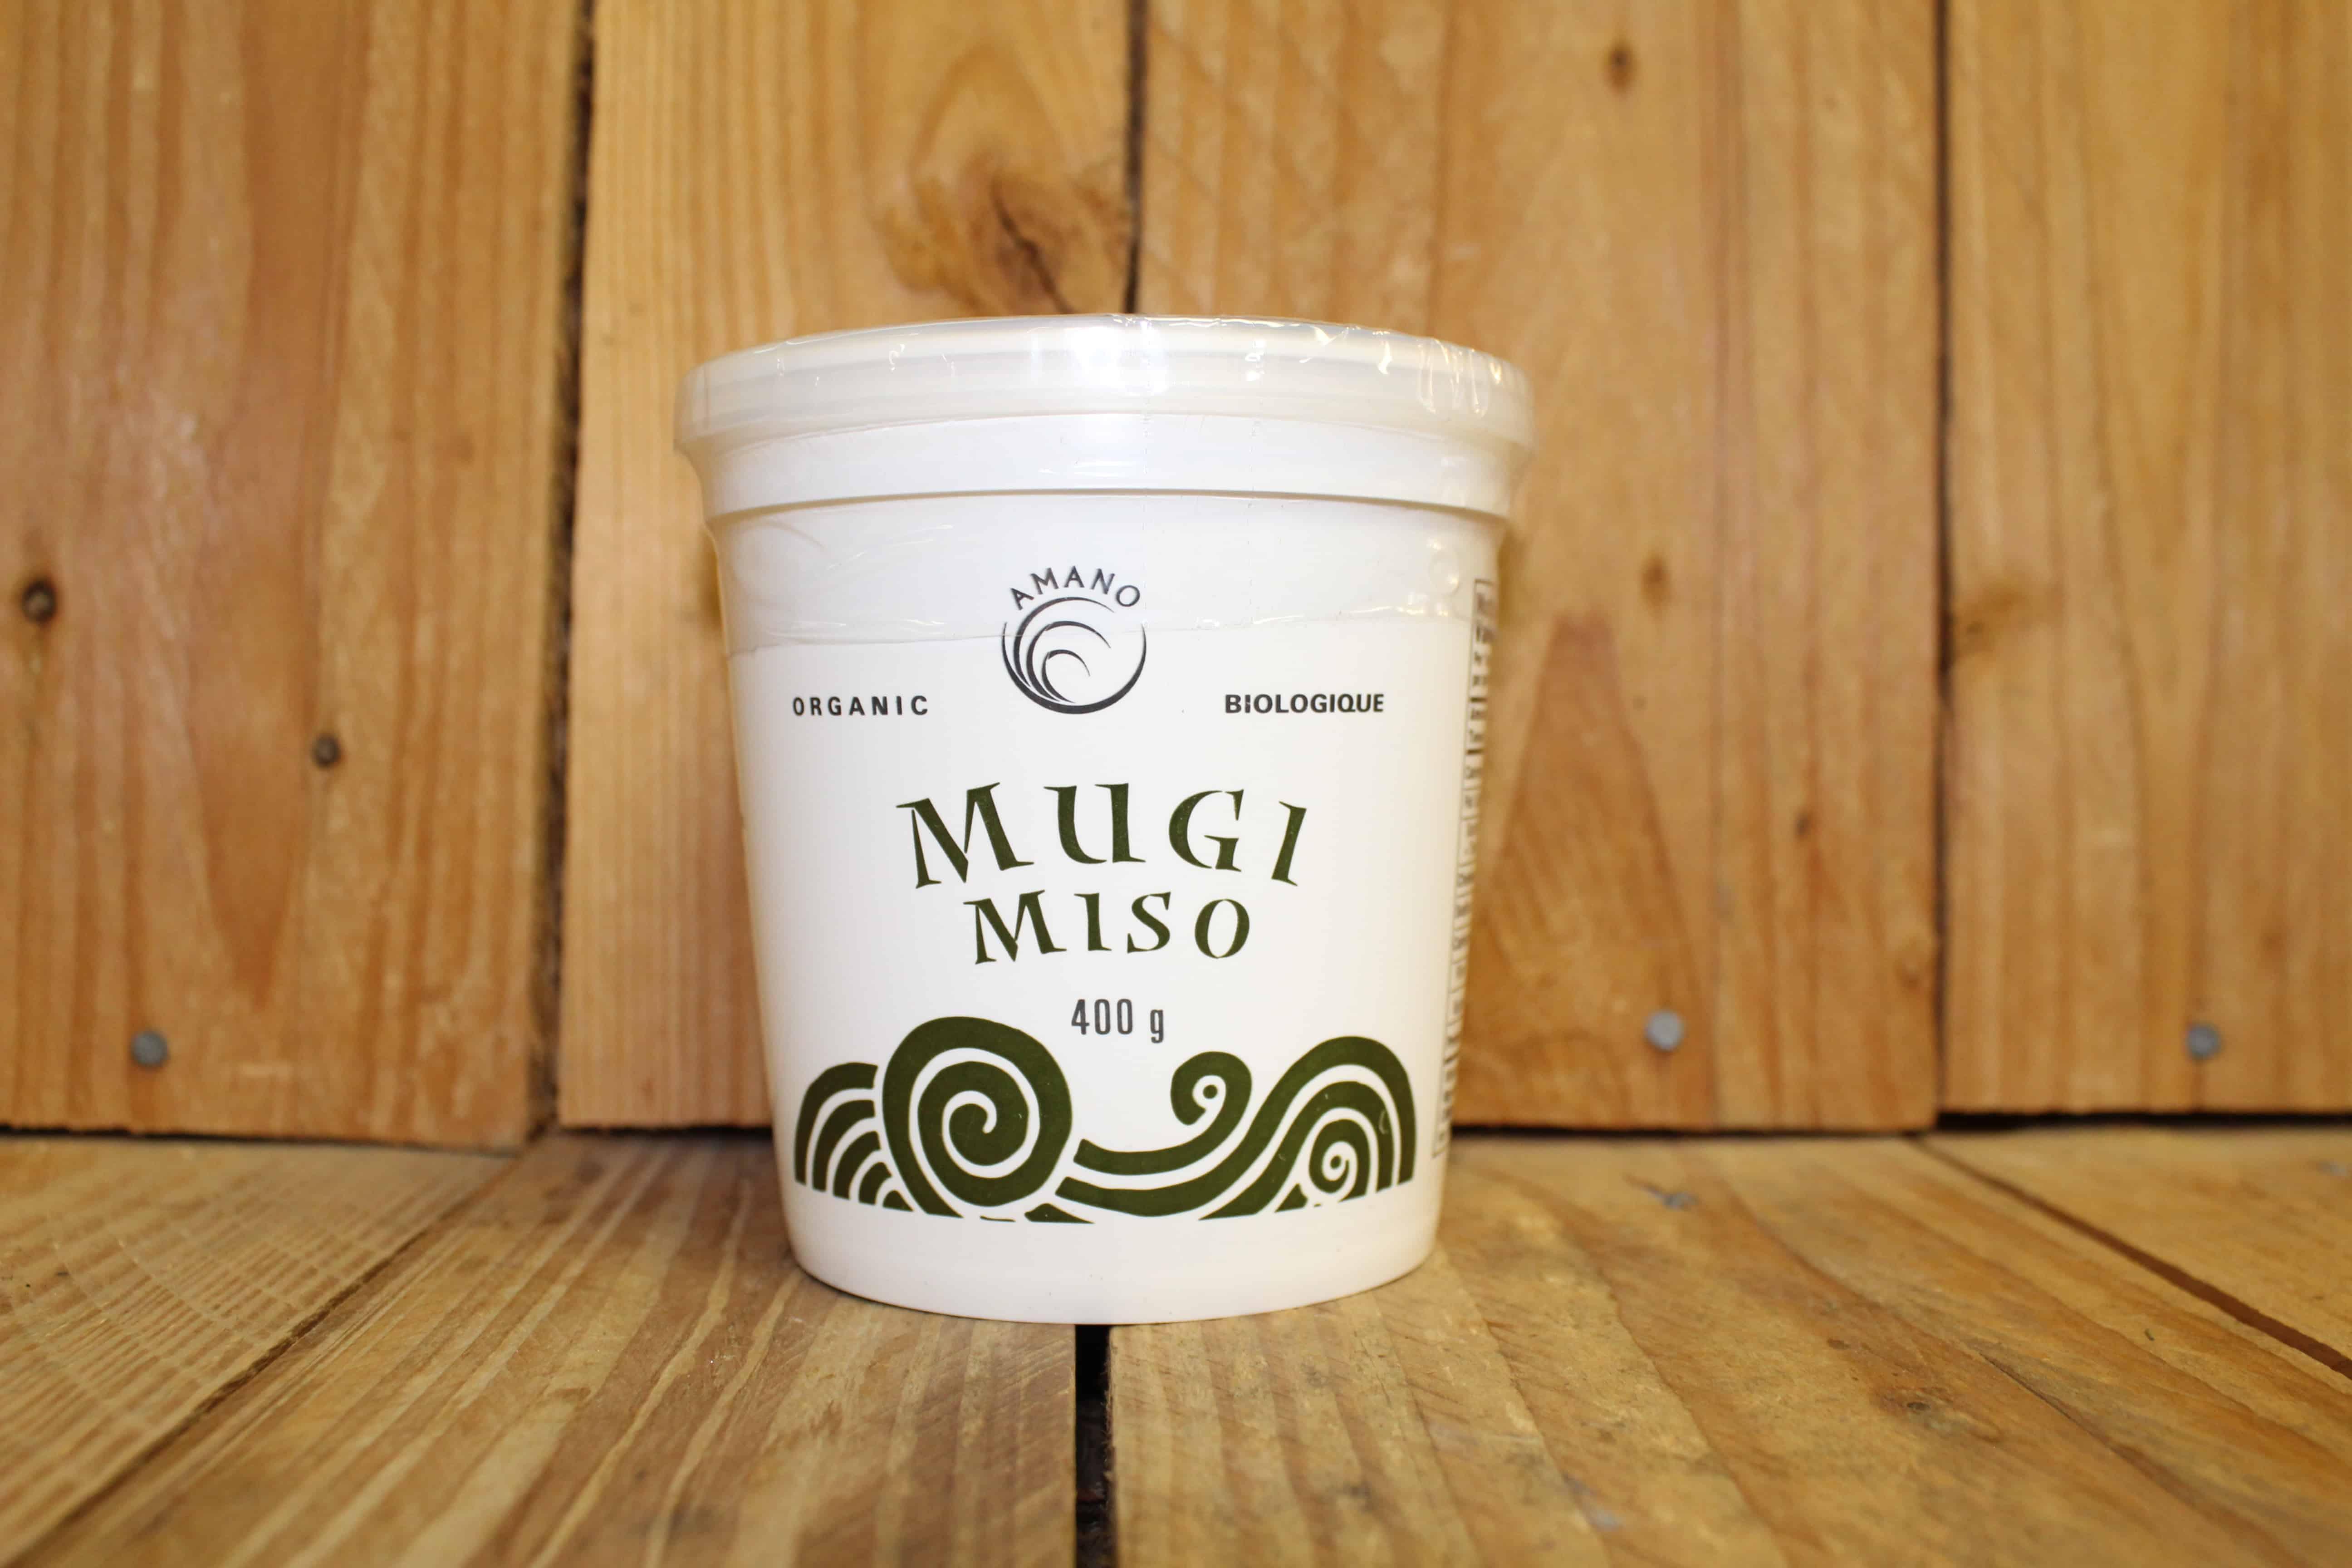 Amano – Miso Mugi Barley (400g Tub)